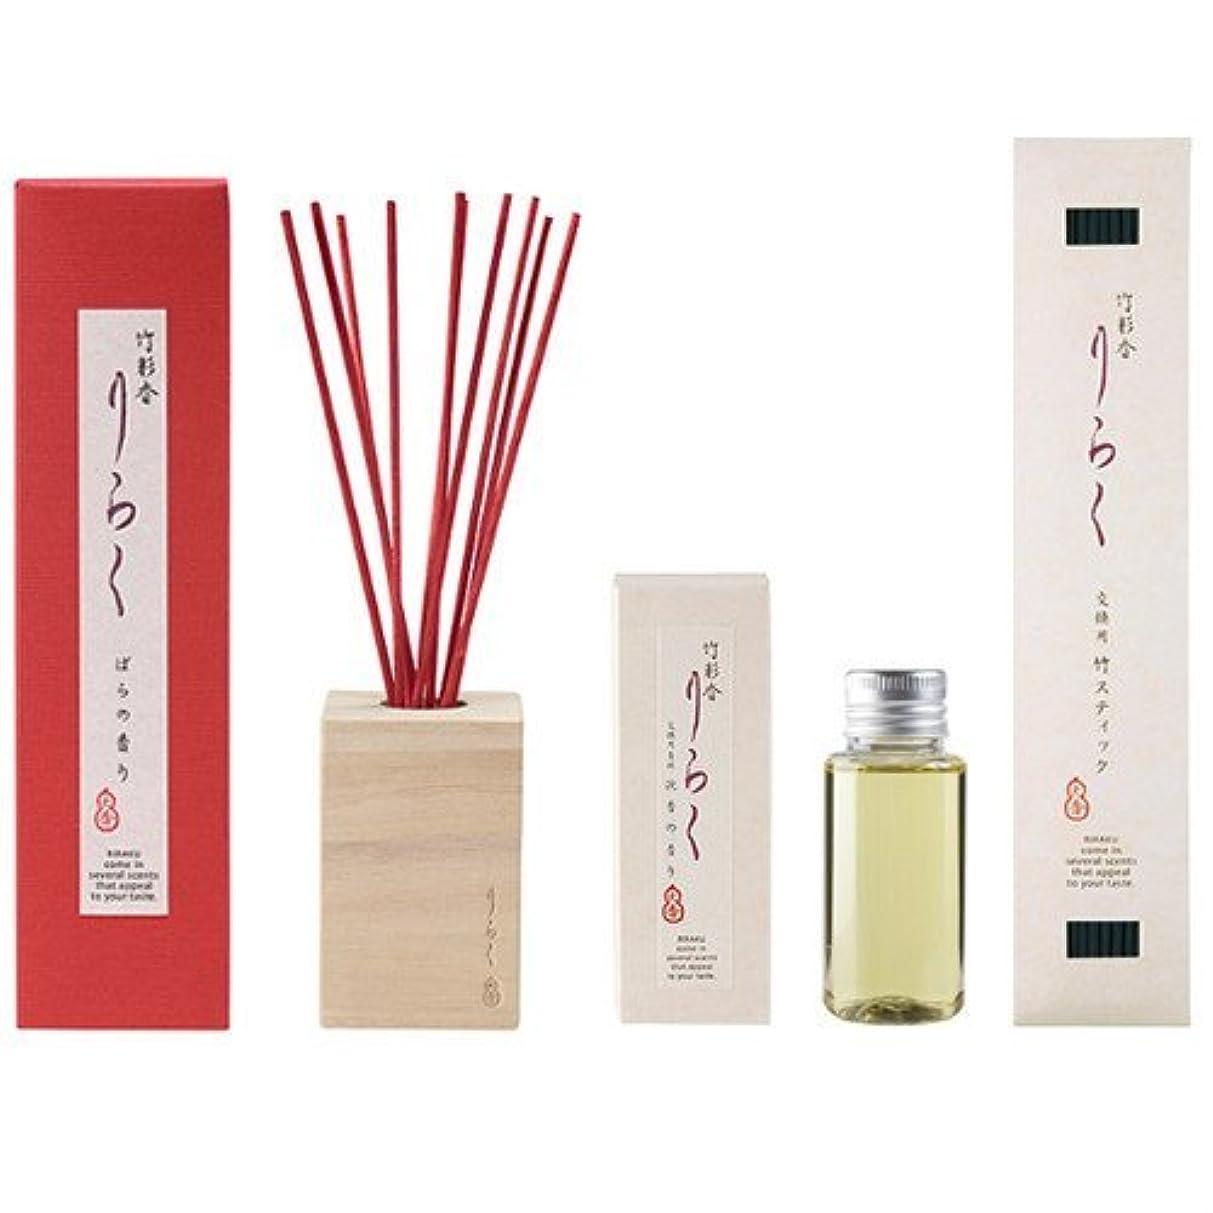 グラスなぞらえるアンプ大香 竹彩香 りらく ばら 50ml と 交換用 ばら、交換用竹スティック ばらの色 セット